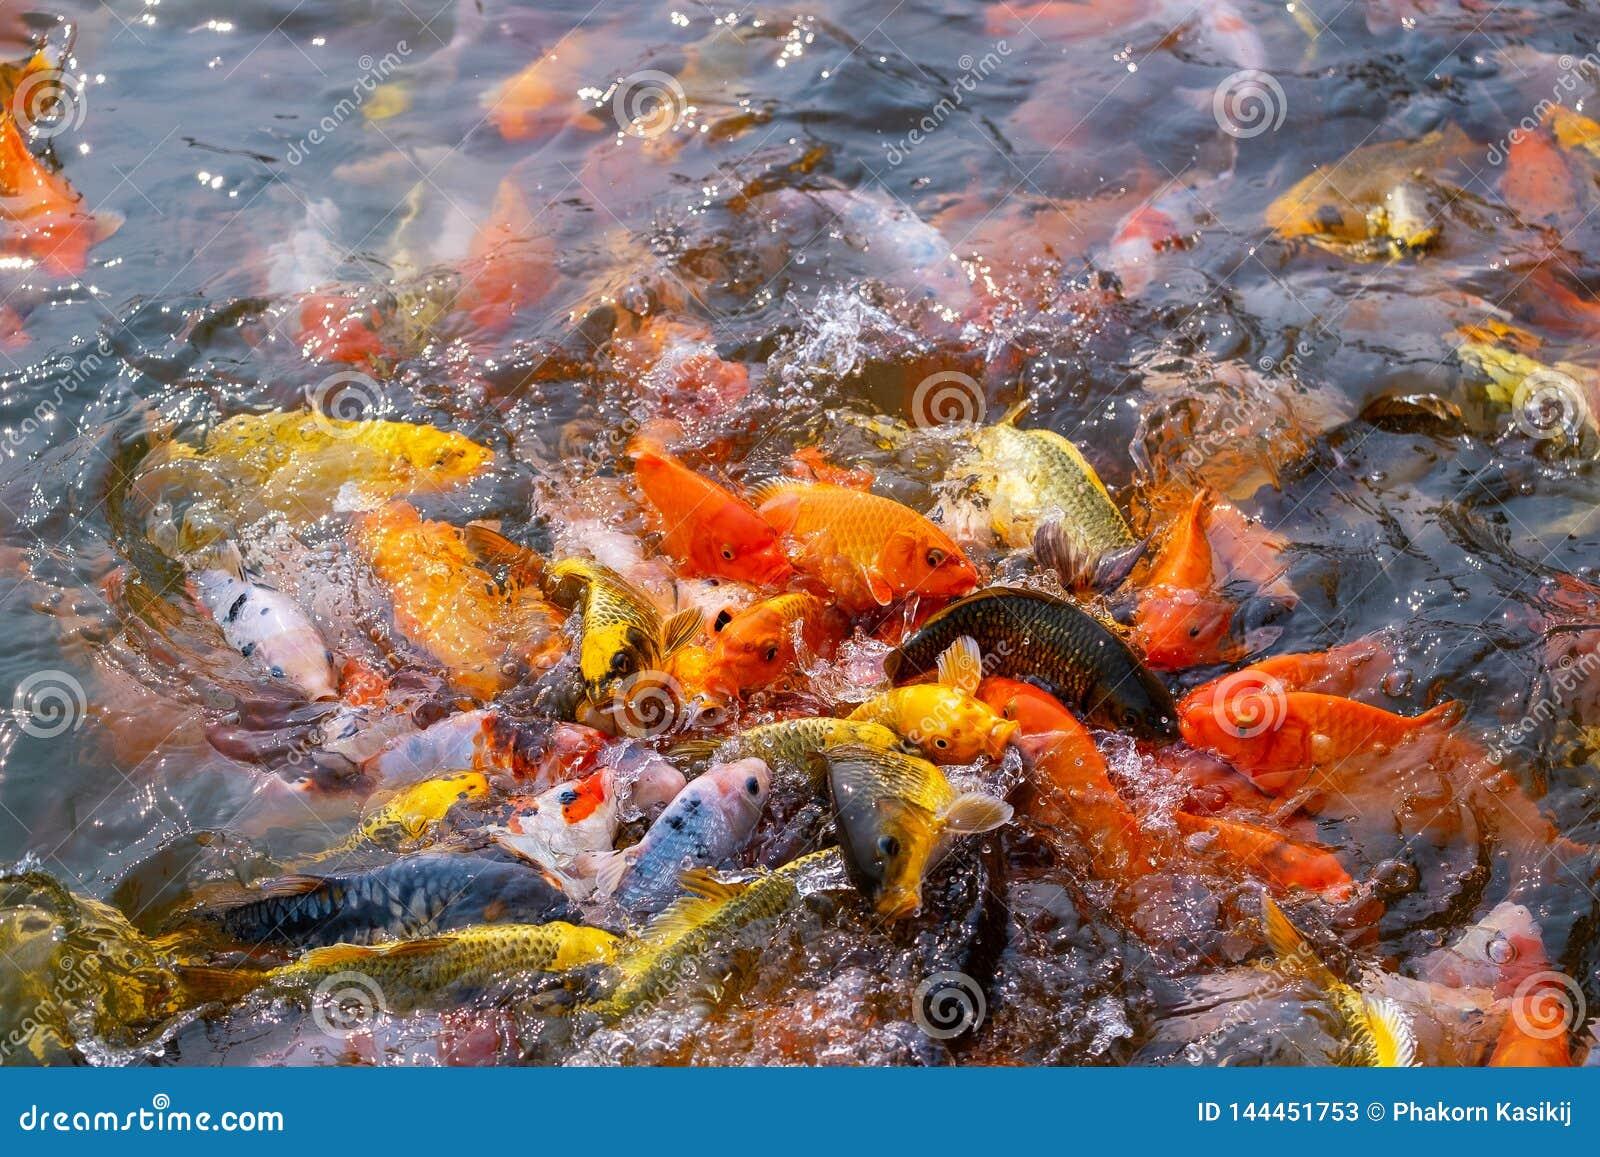 El turismo alimenta mucho la carpa de lujo hambrienta, pescado de la carpa de espejo, Koi en la charca